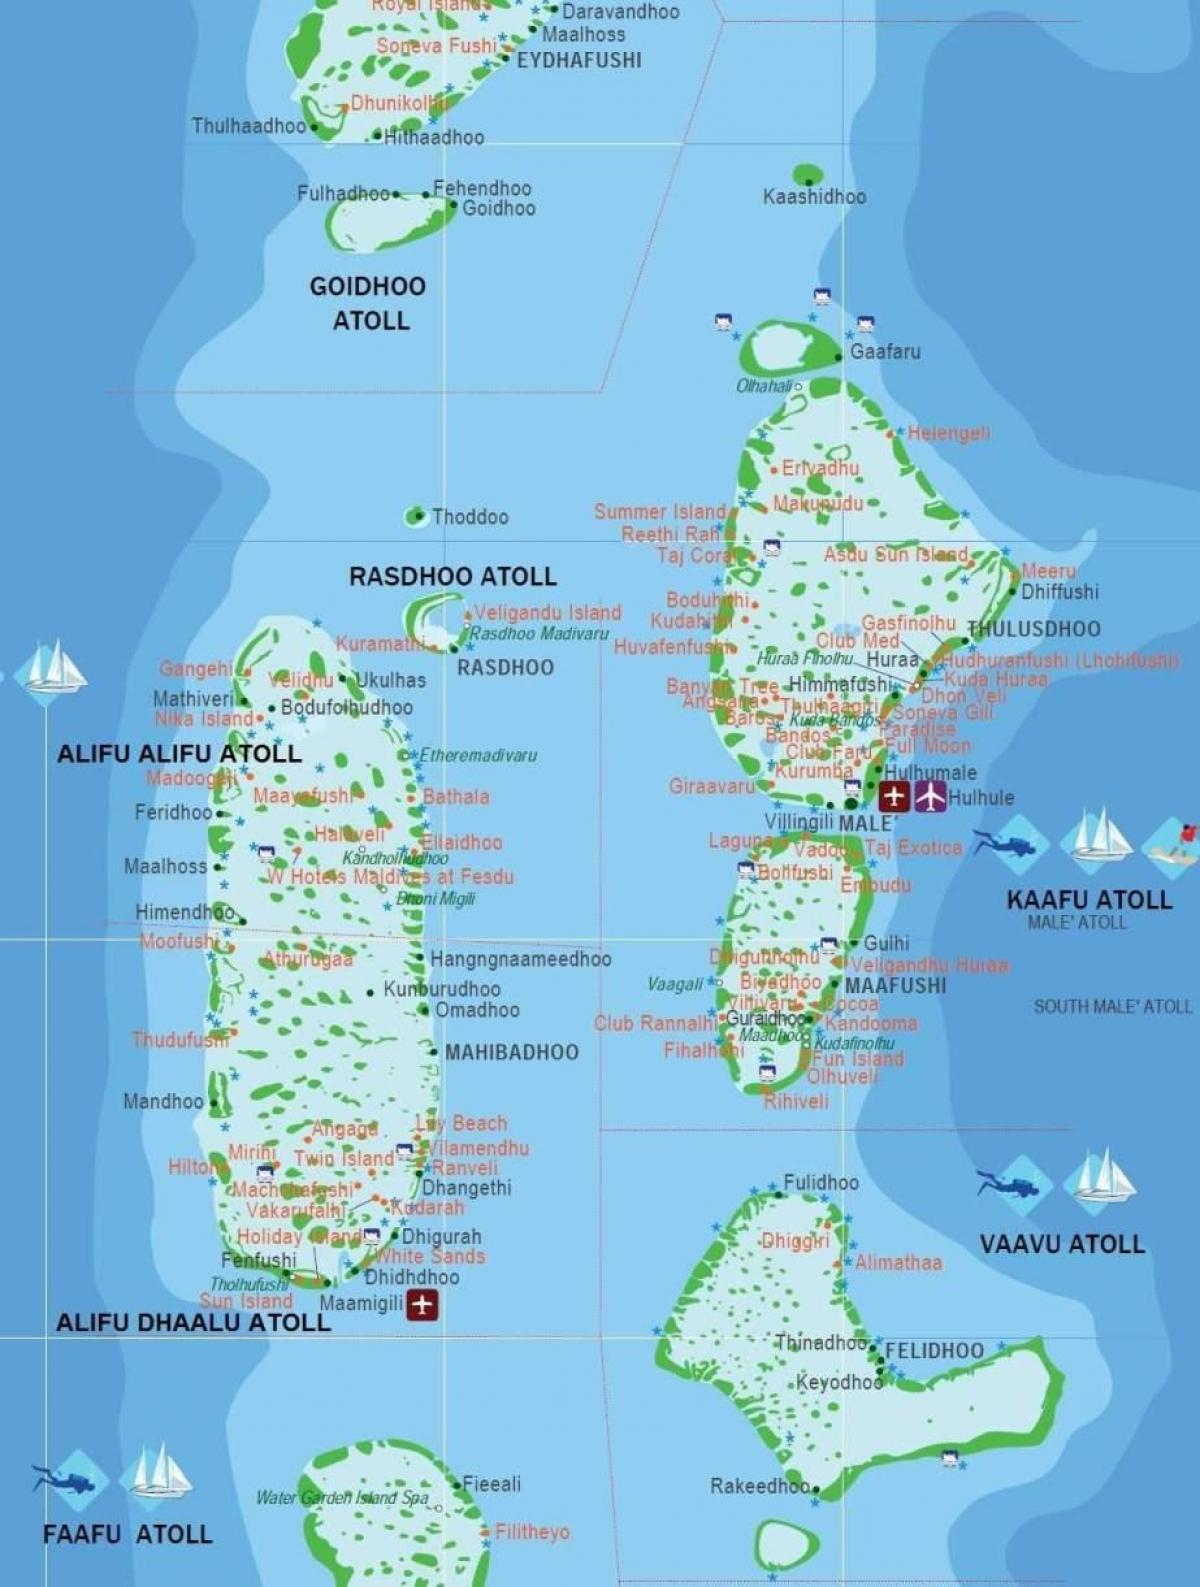 Carte Asie Maldives.Maldives Carte De La Ville Maldives Carte De Capital Asie Du Sud